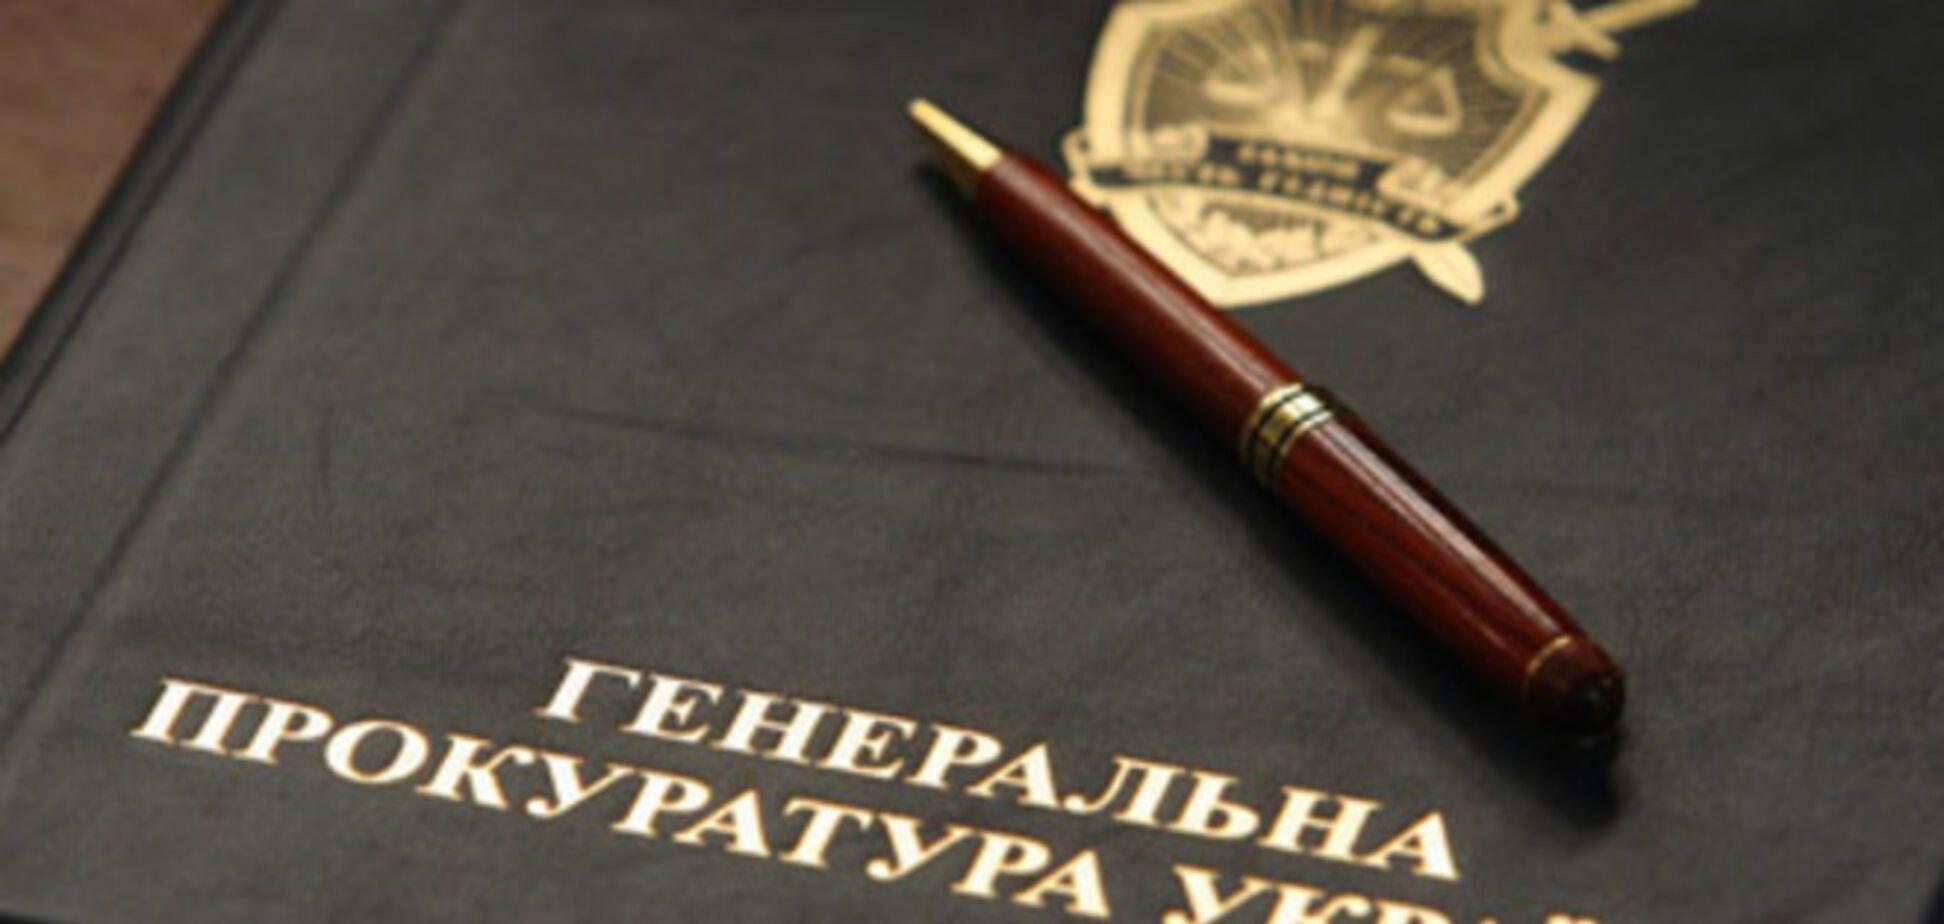 Наш ответ: Генпрокуратура возбудила дело против должностных лиц Следкома РФ за посягательство на суверенитет Украины